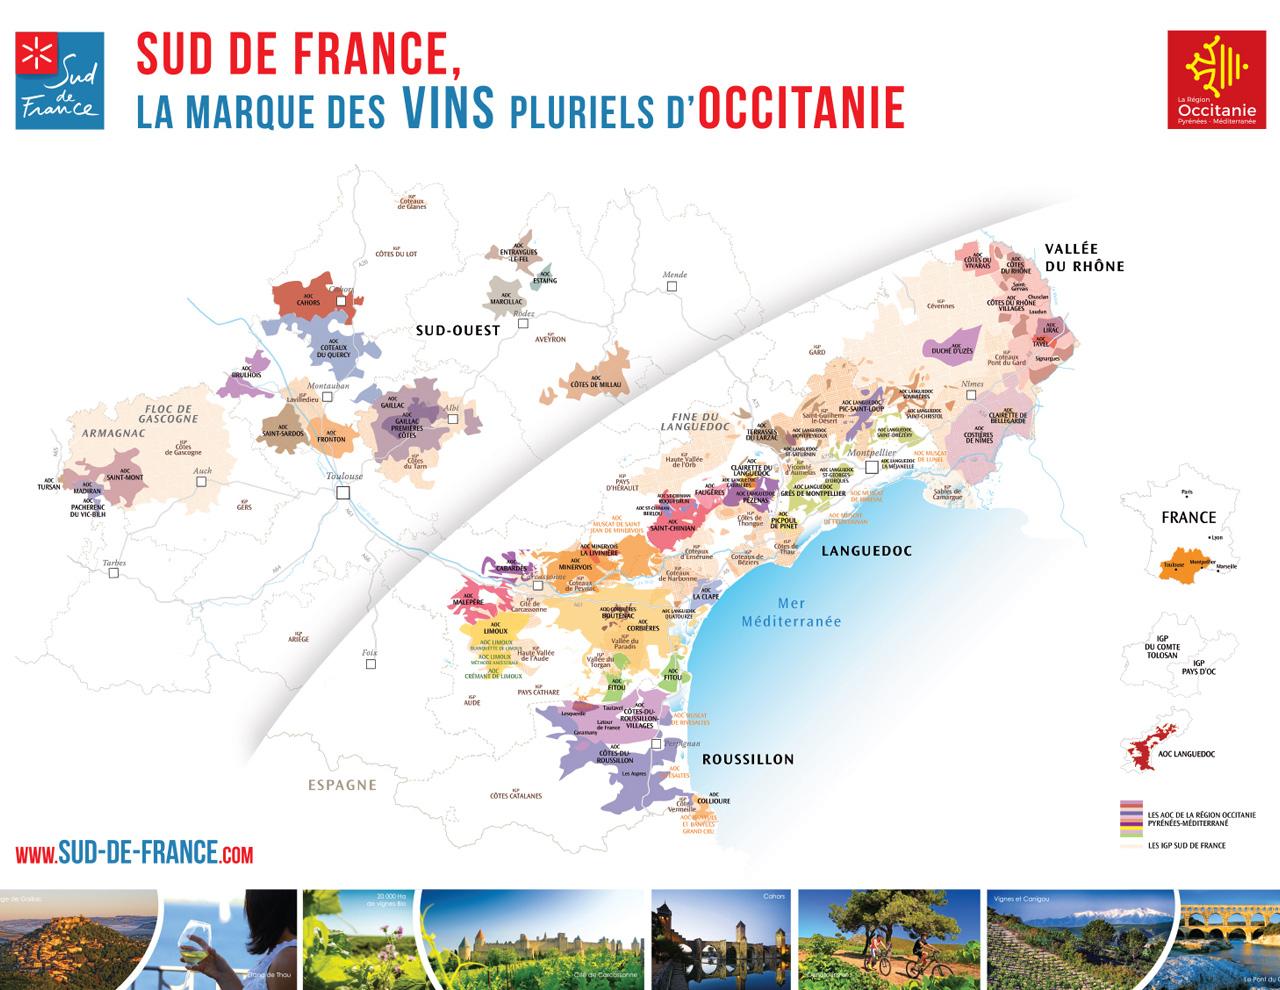 Carte géographique des vins de la marque Sud de France